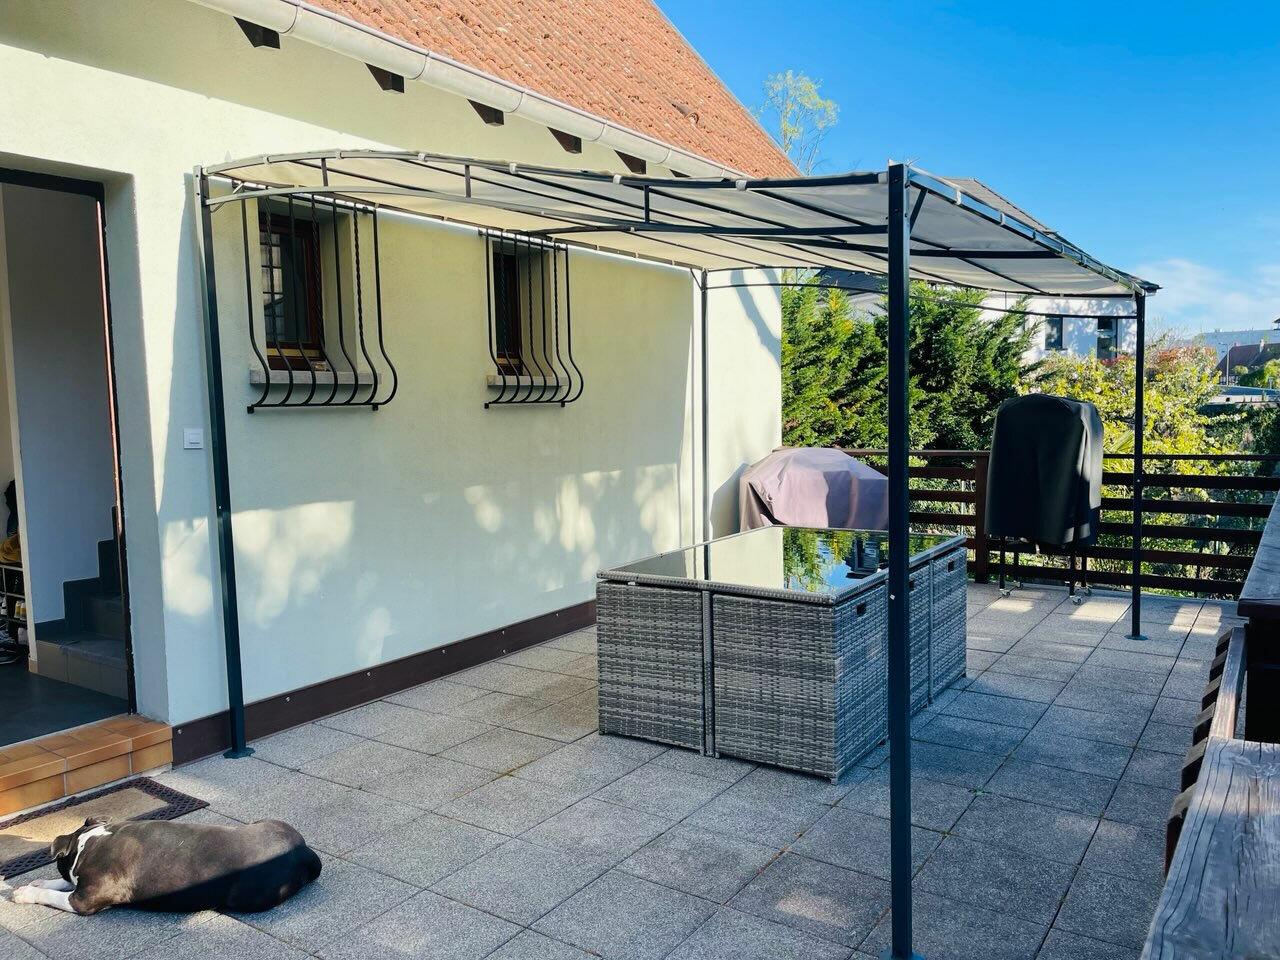 Maison à louer 5 95m2 à Illkirch-Graffenstaden vignette-1